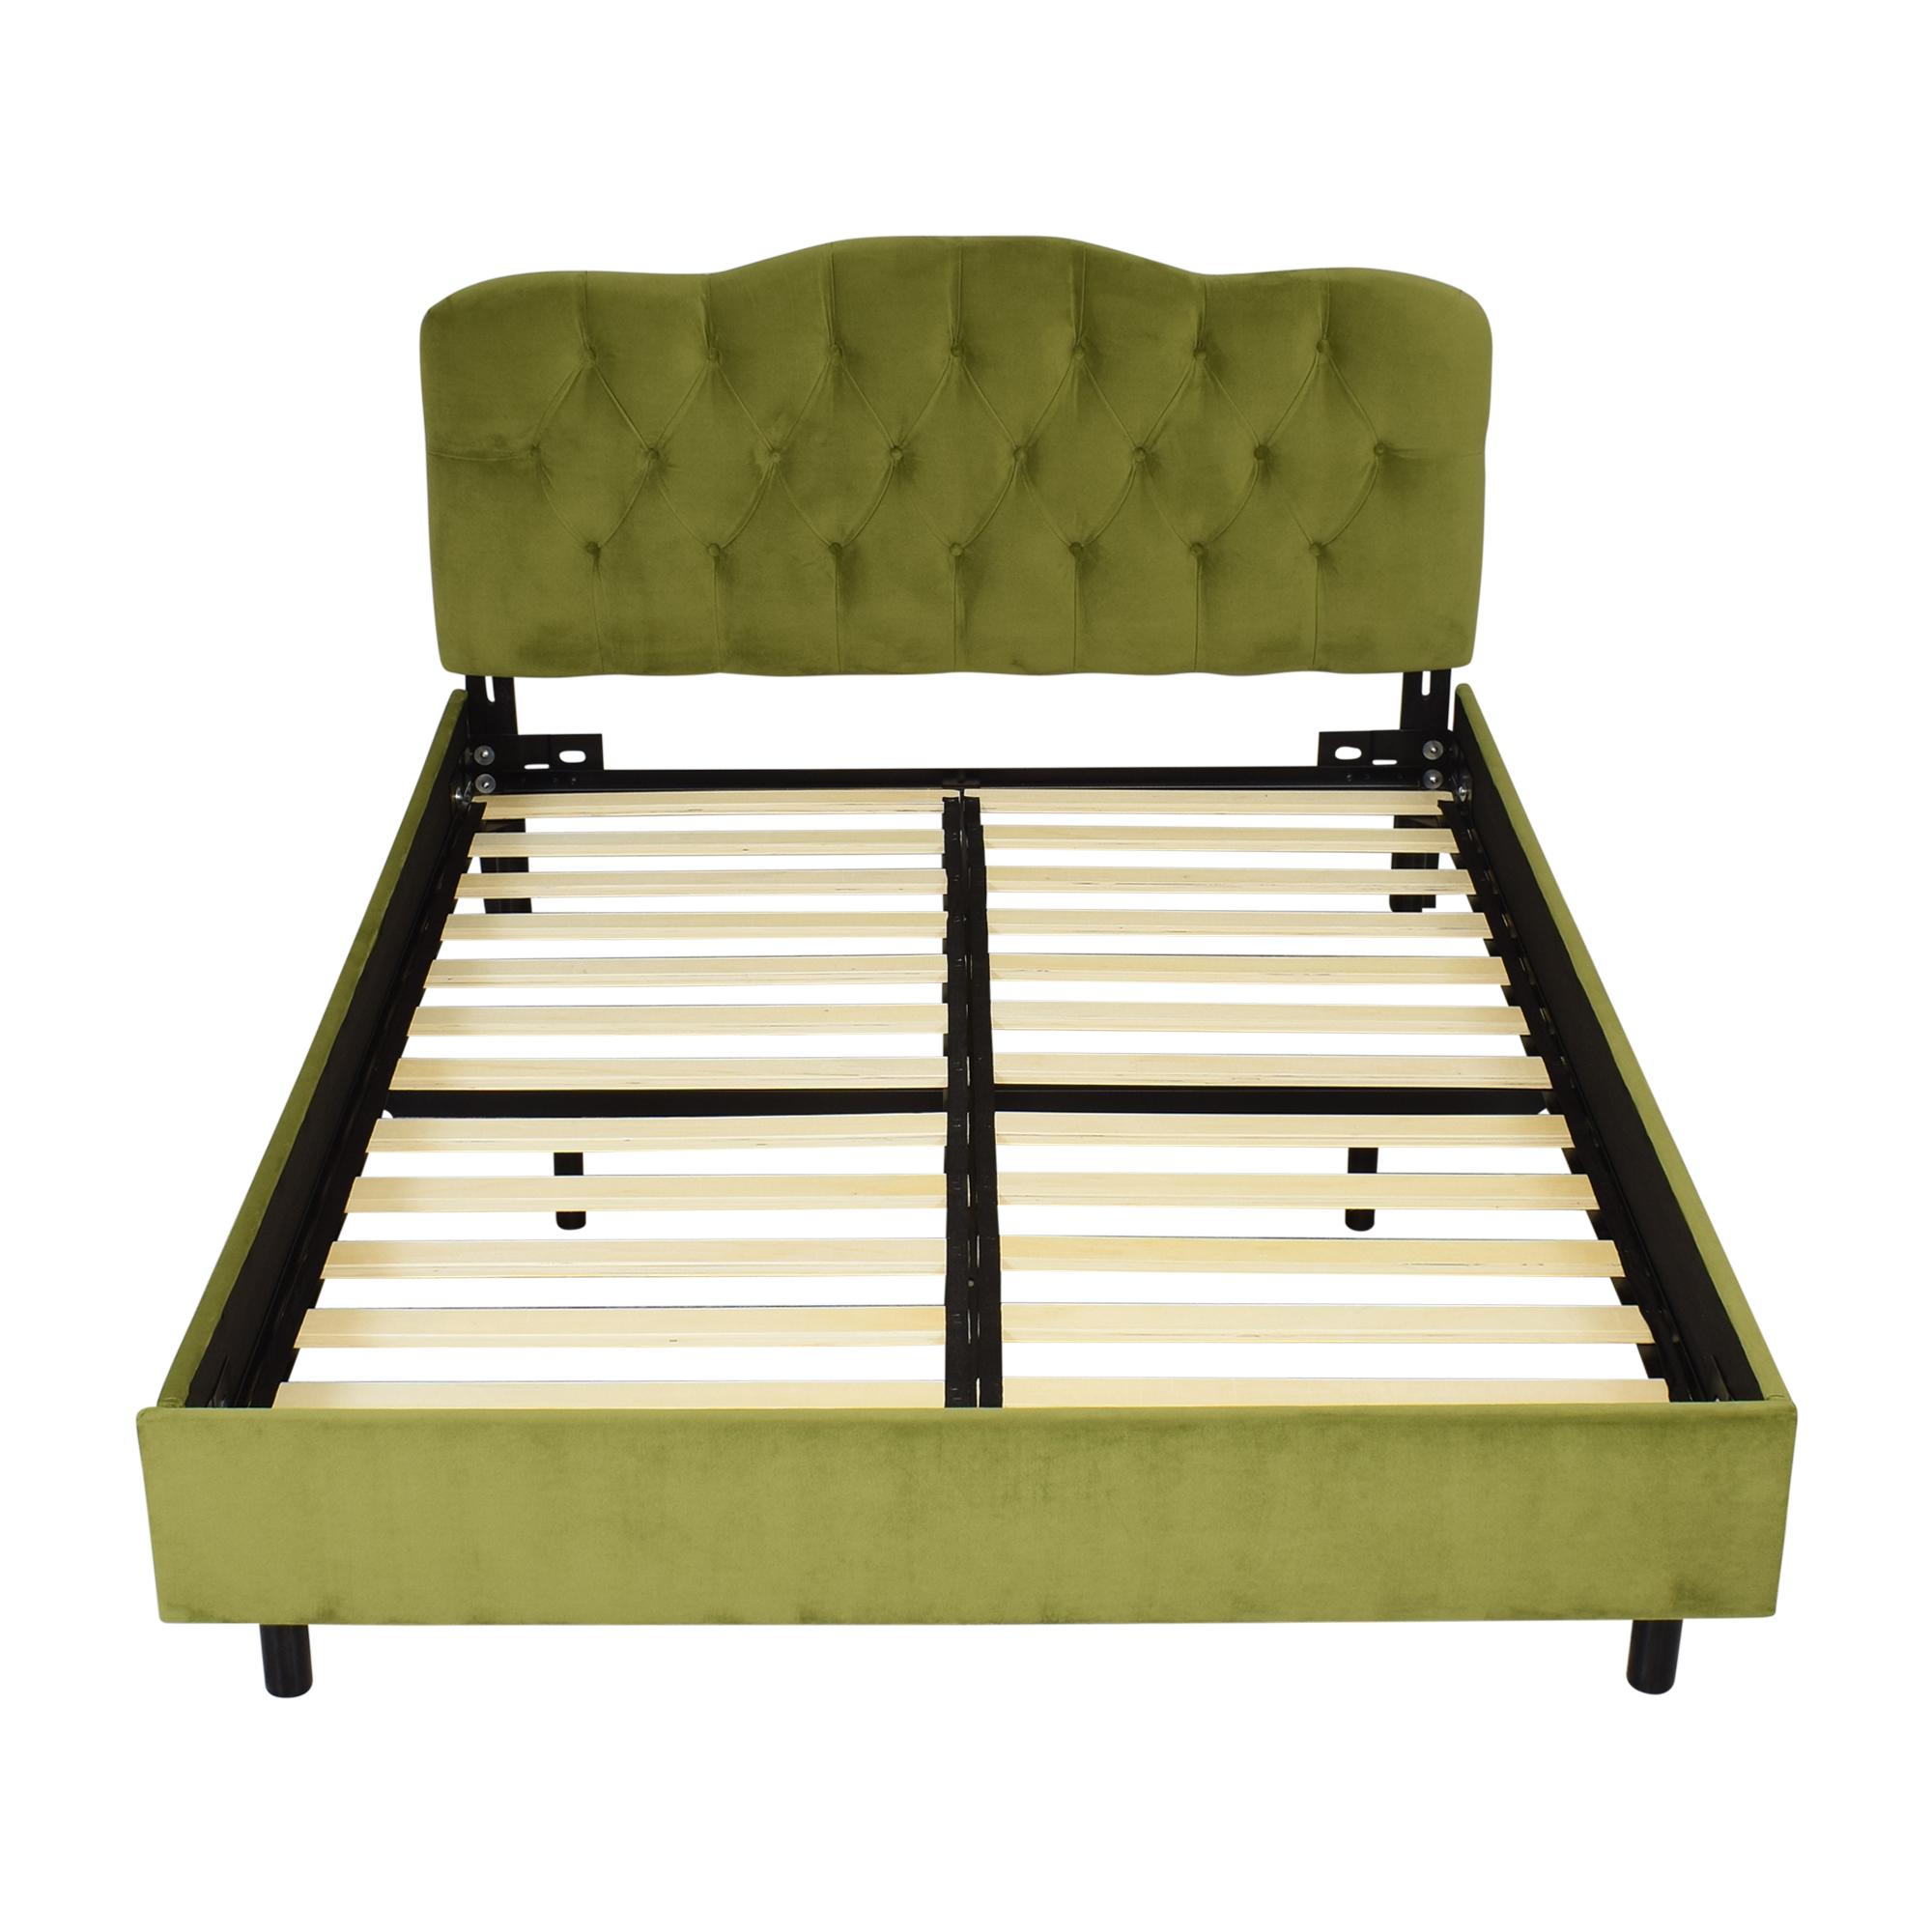 Skyline Furniture Skyline Furniture Argona Queen Bed green